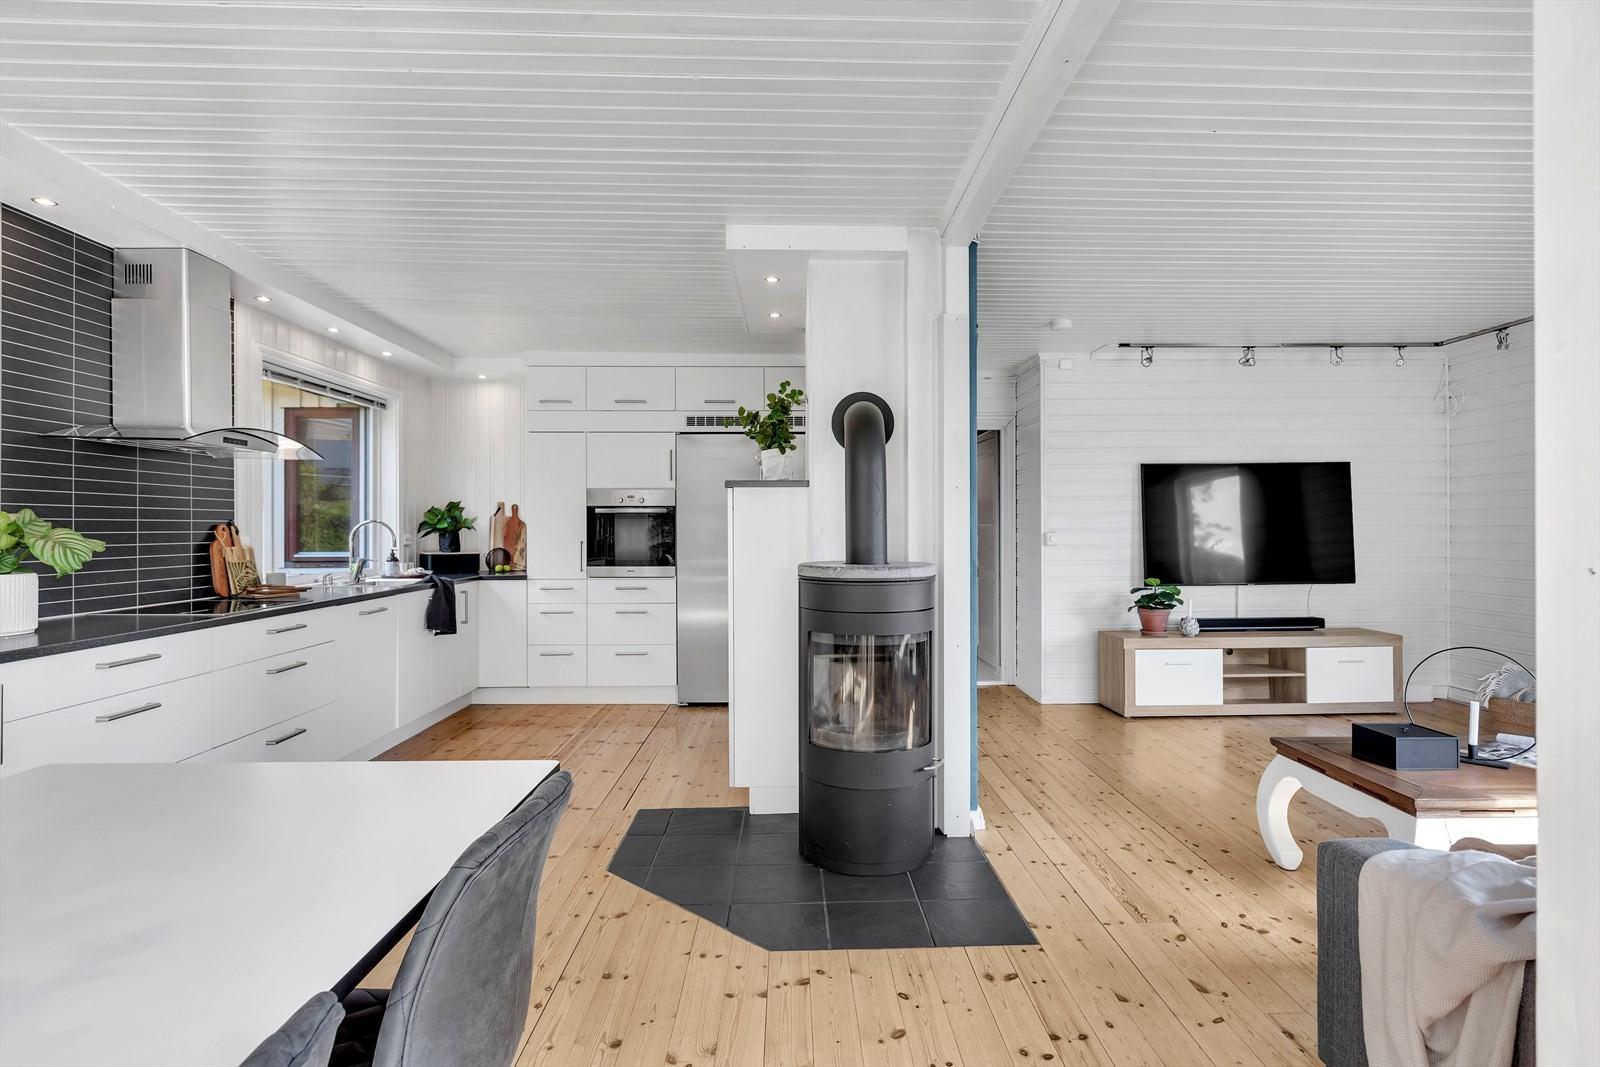 Lys og lutig stue. Vedfyring fint plassert mellom kjøkken og stuen